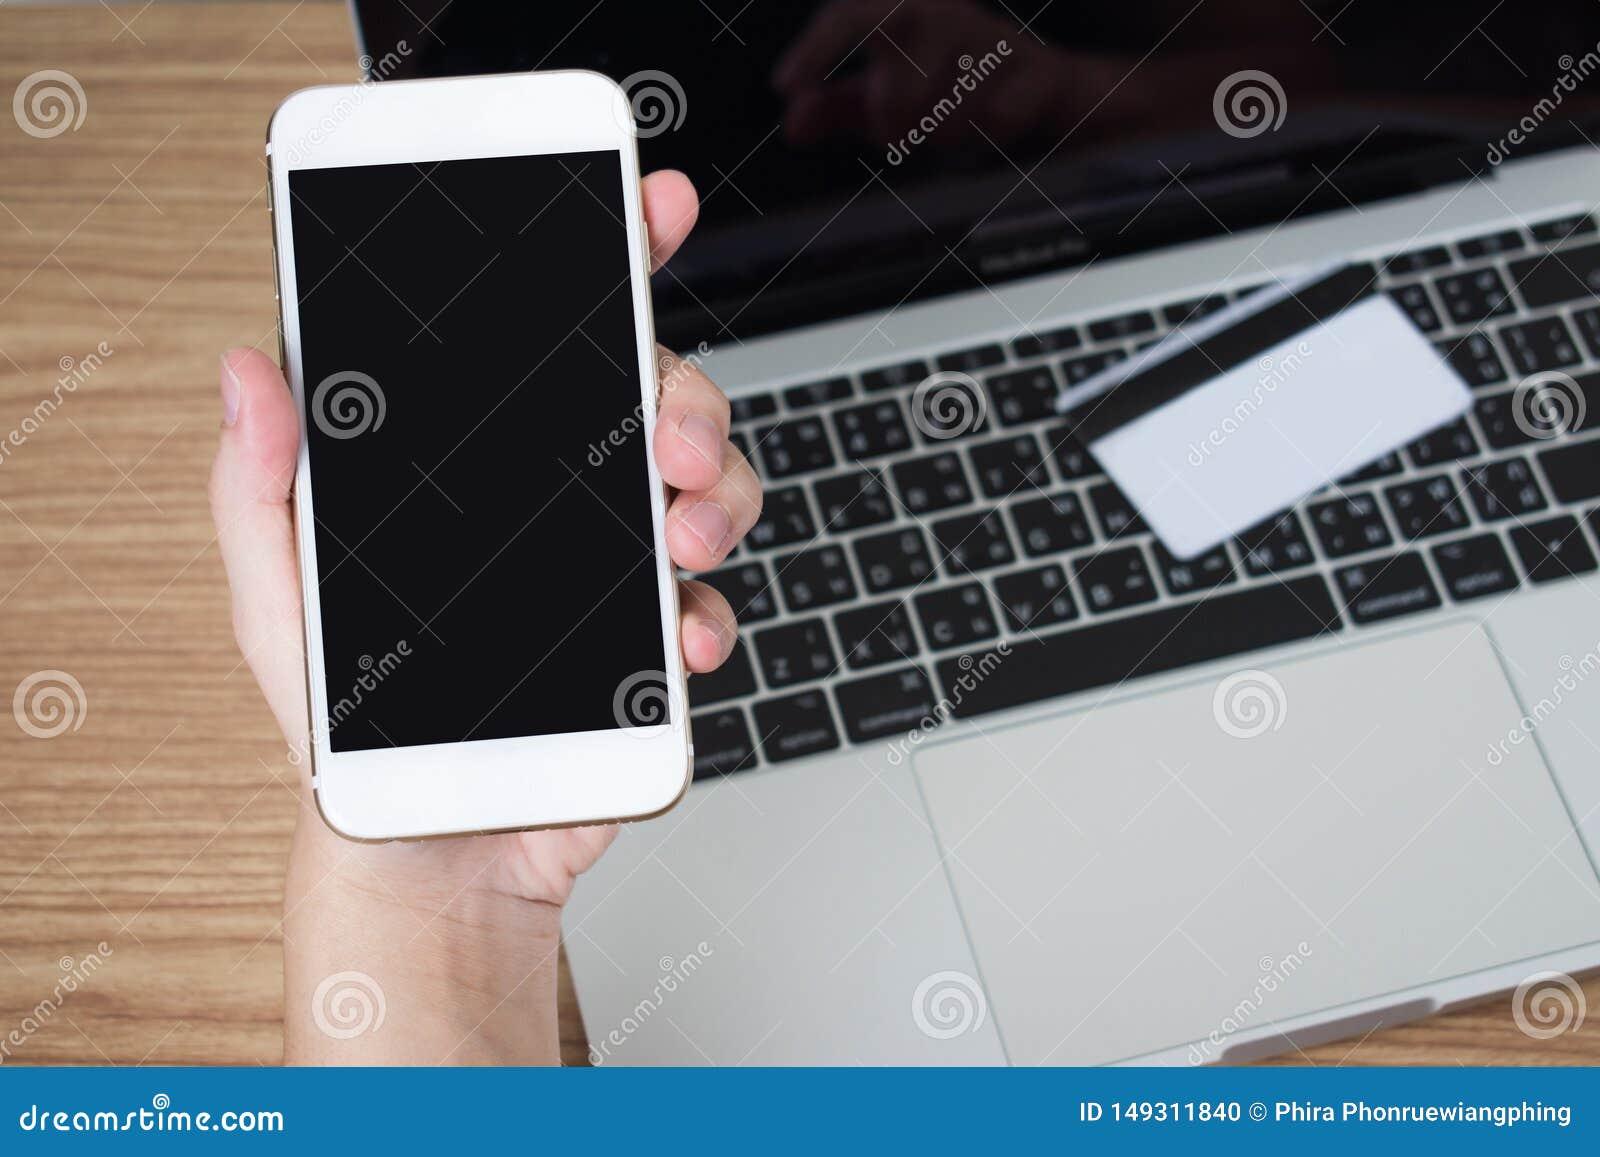 La gente est? utilizando smartphones para pagar v?a una tarjeta de cr?dito colocada en un ordenador port?til en una tabla de made